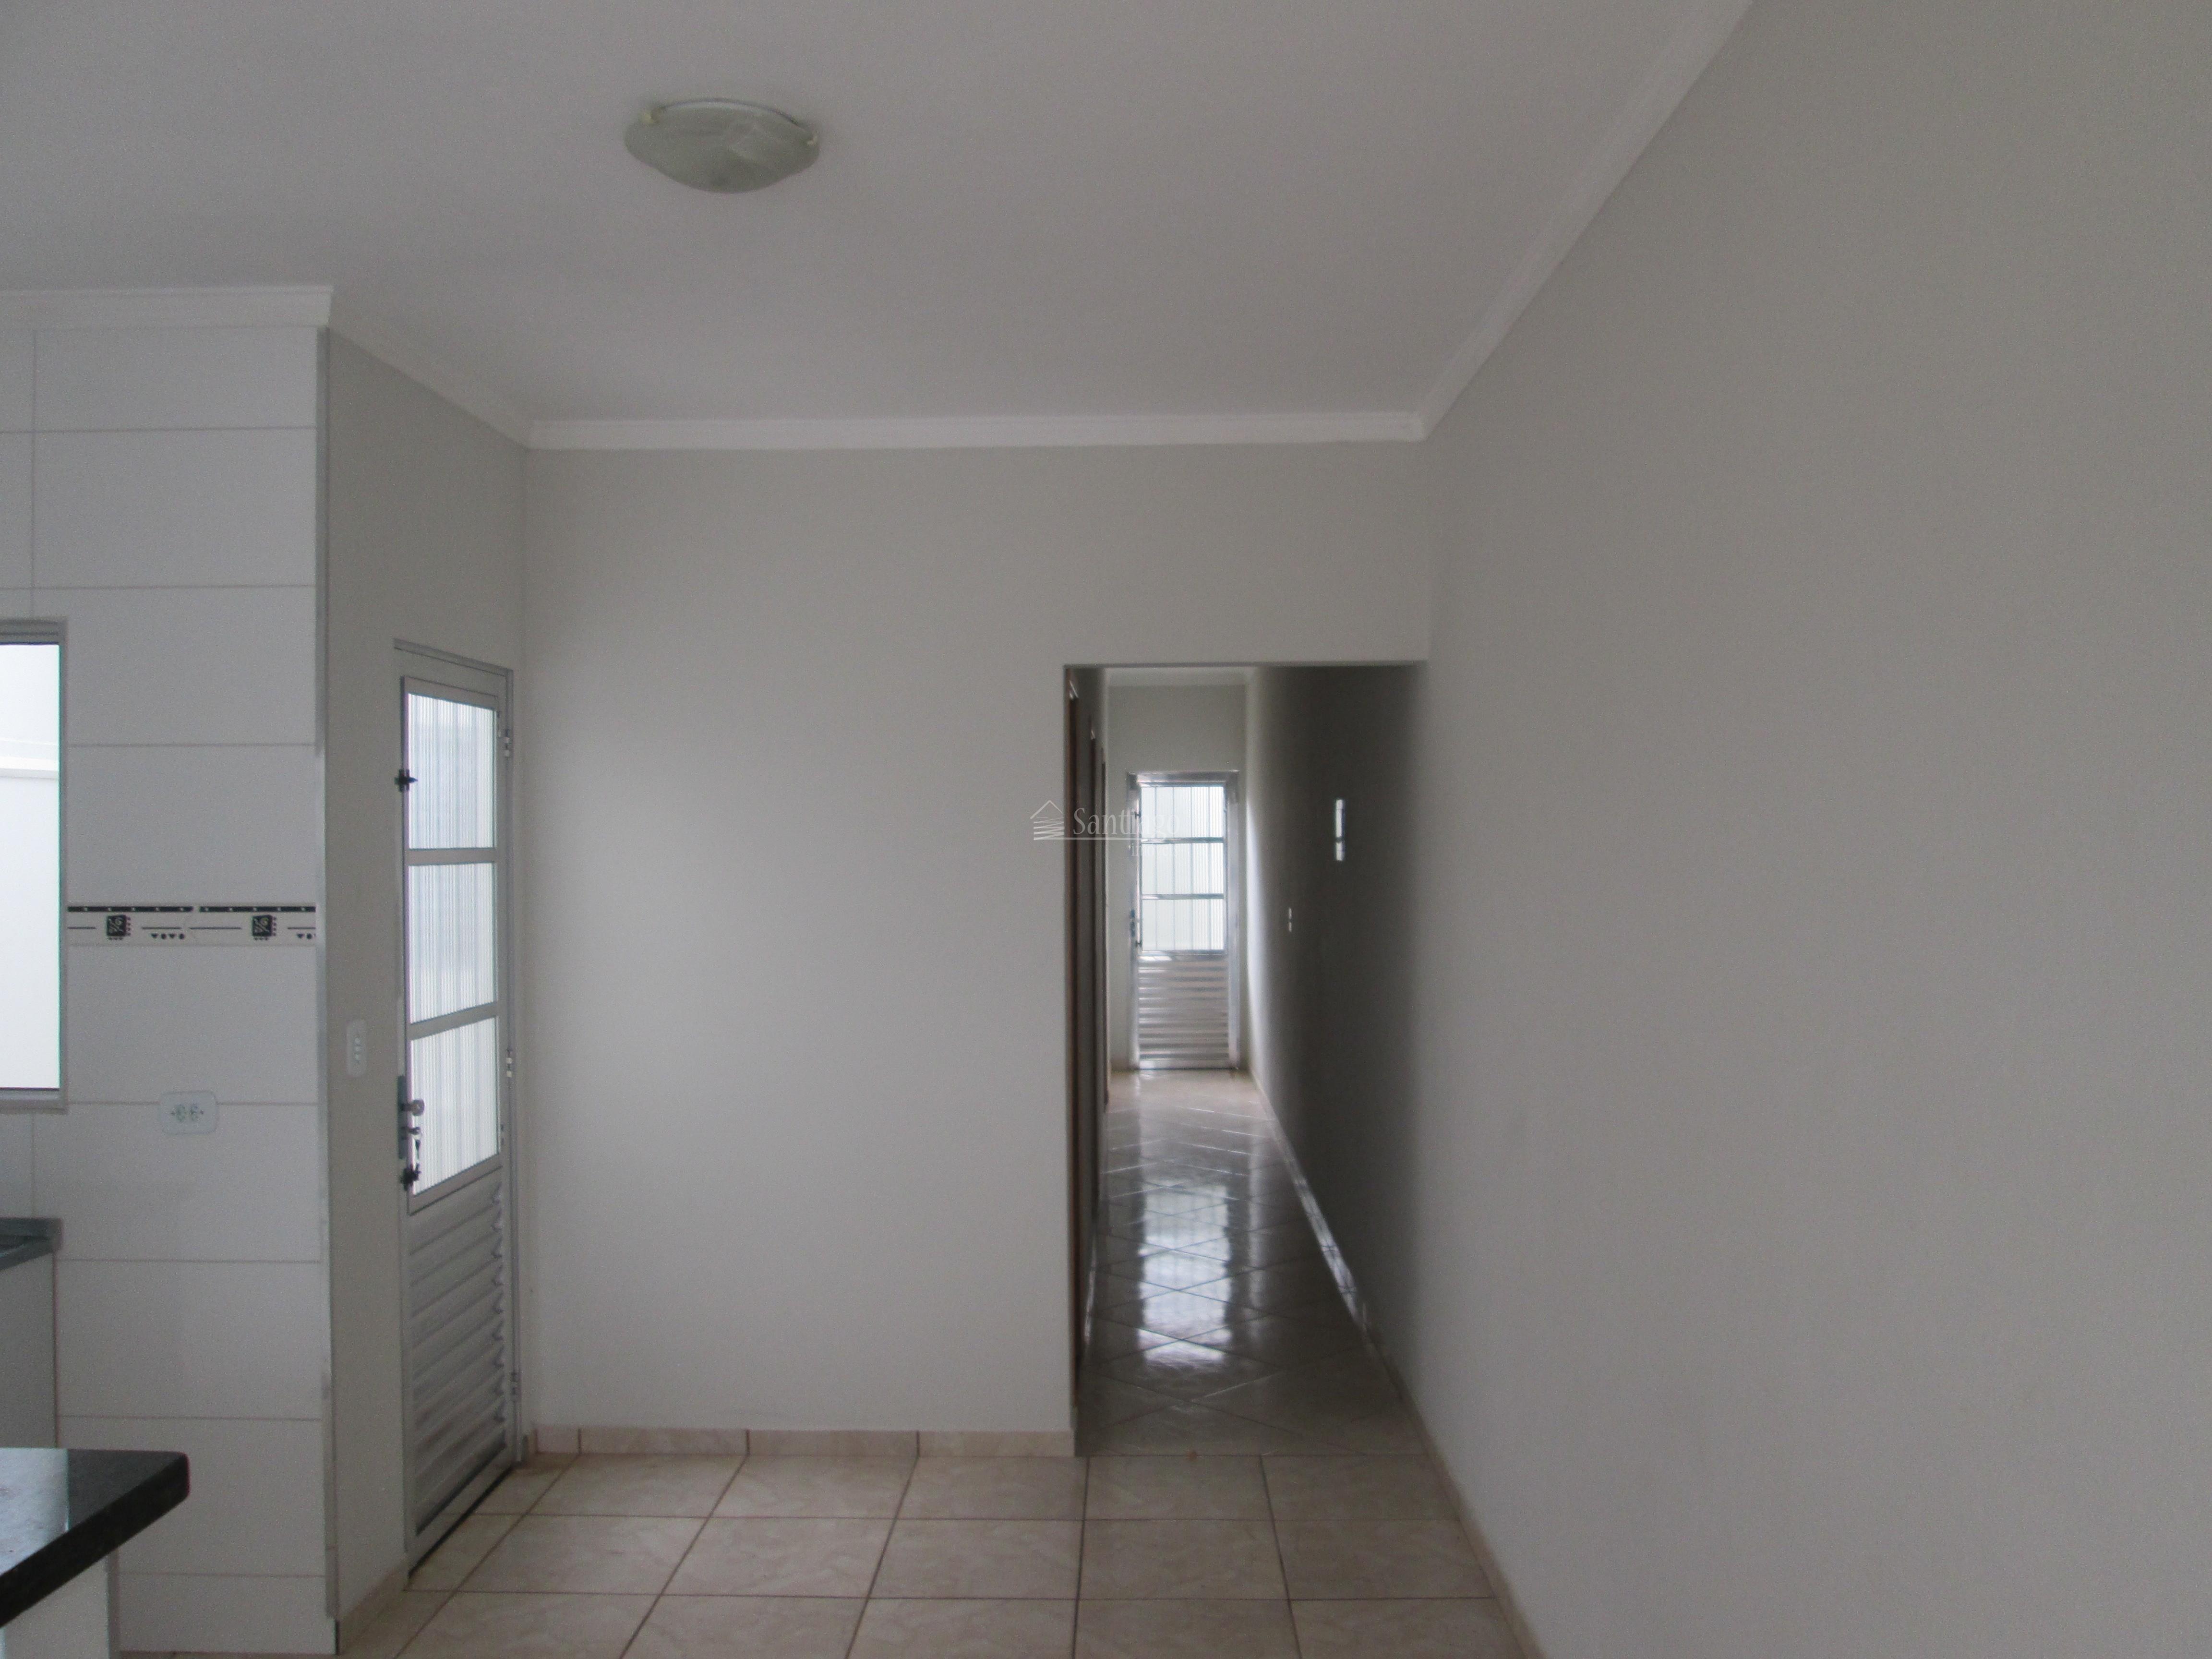 Casa de 2 dormitórios à venda em Jardim Dos Ipês, Sumaré - SP